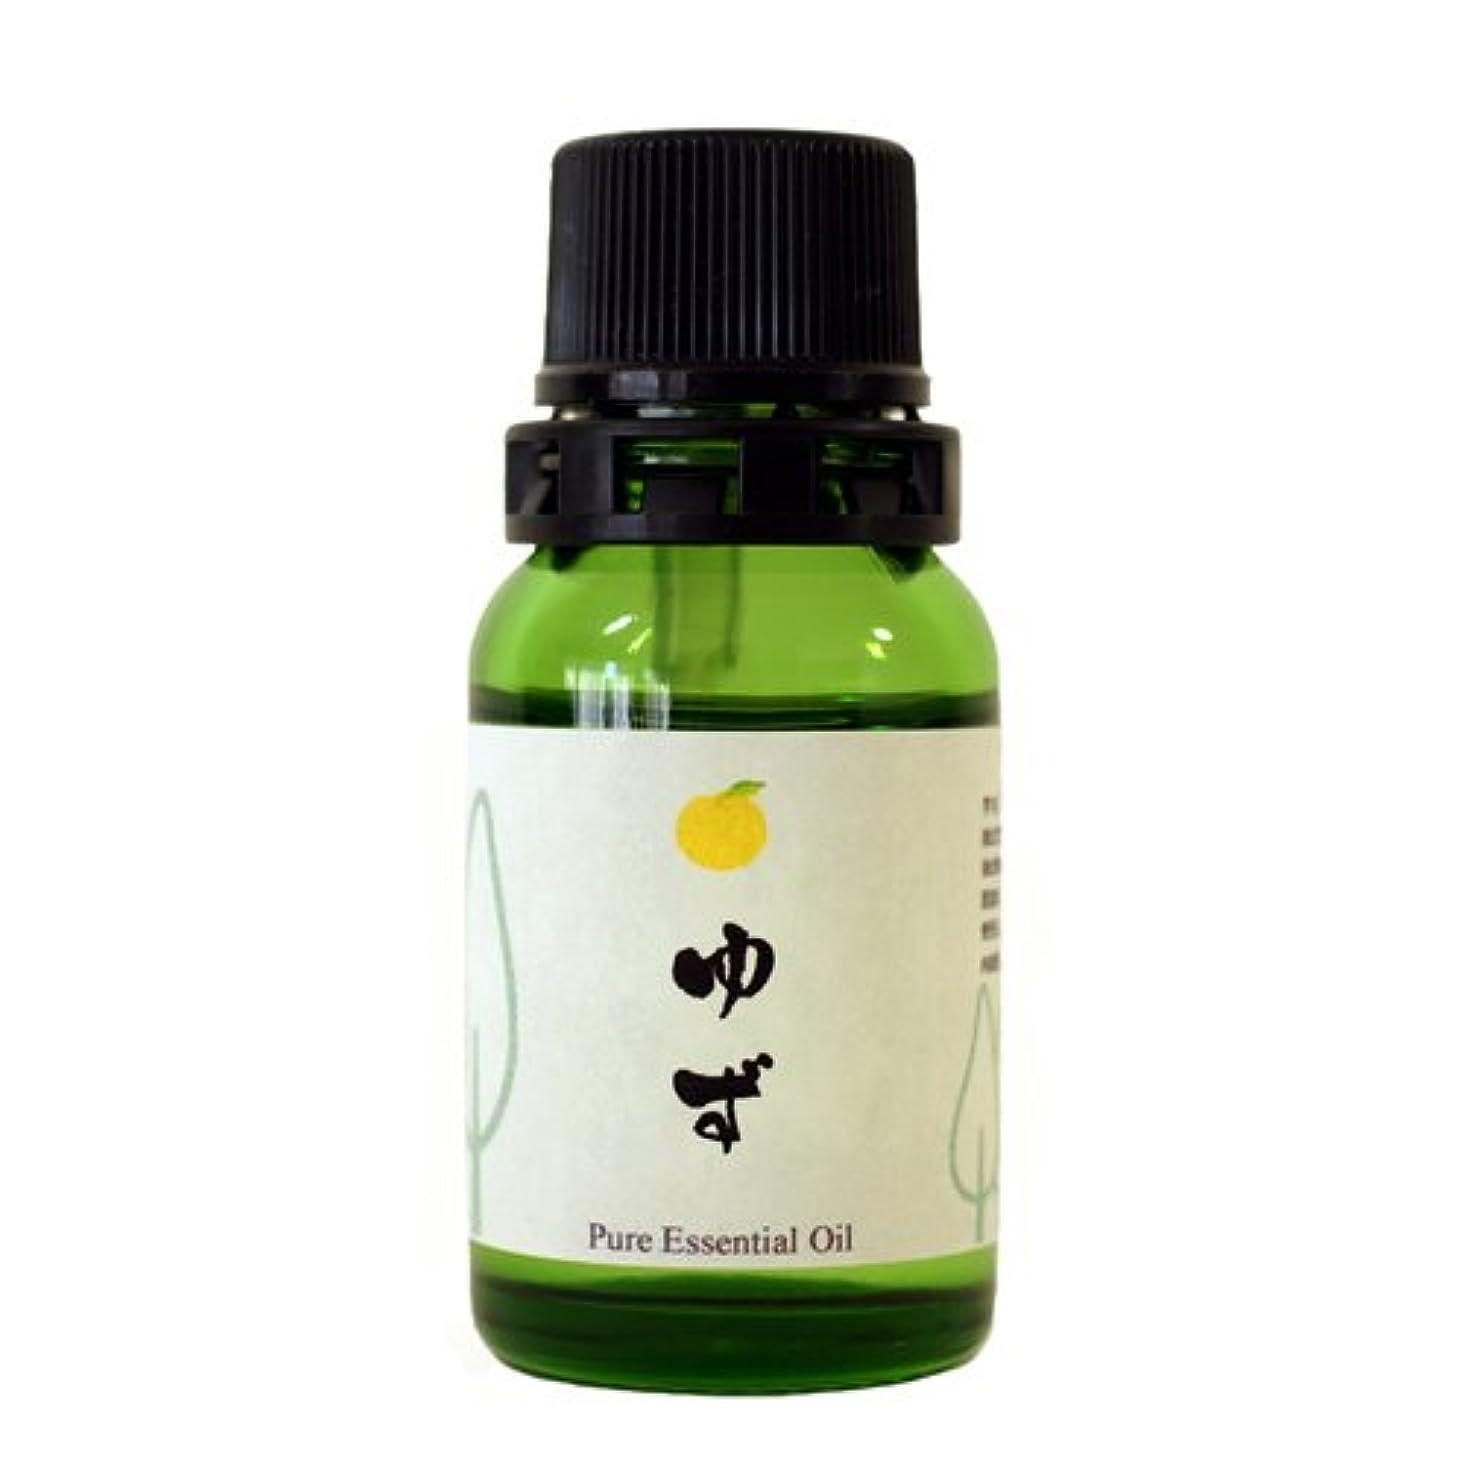 男賞賛縞模様の和精油 ゆず(高知県産) エッセンシャルオイル 10ml